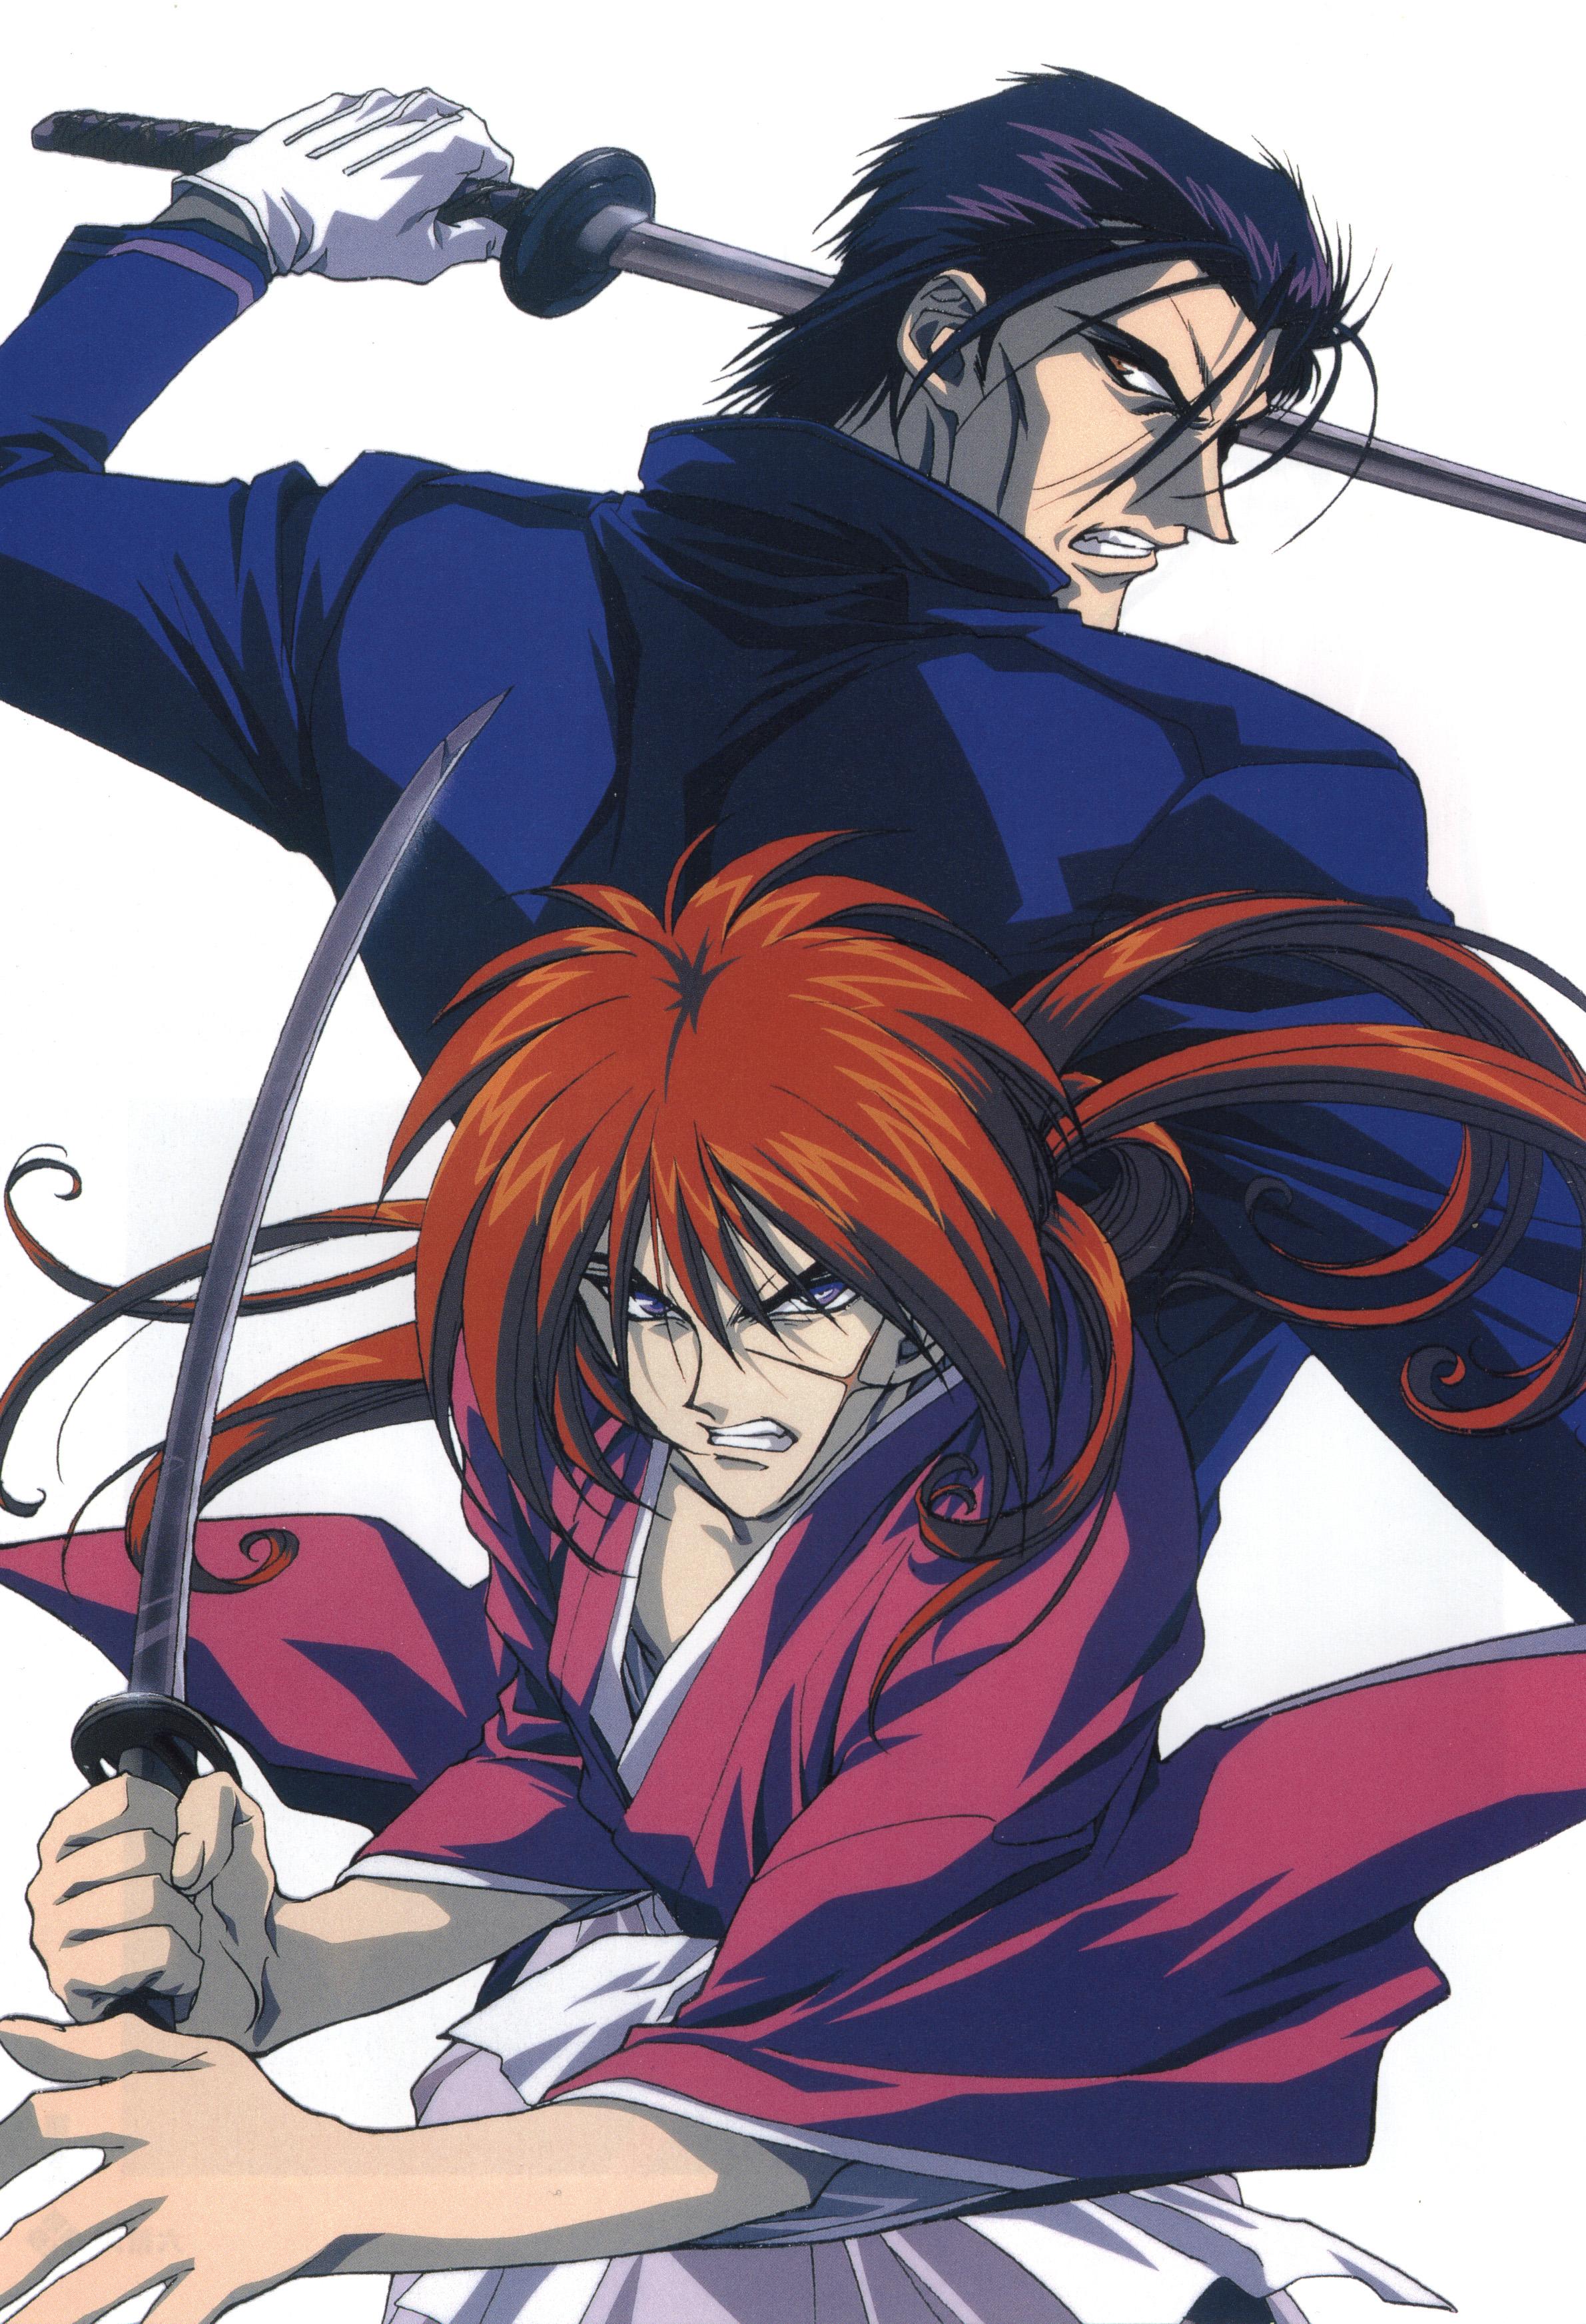 rurouni kenshin anime visual